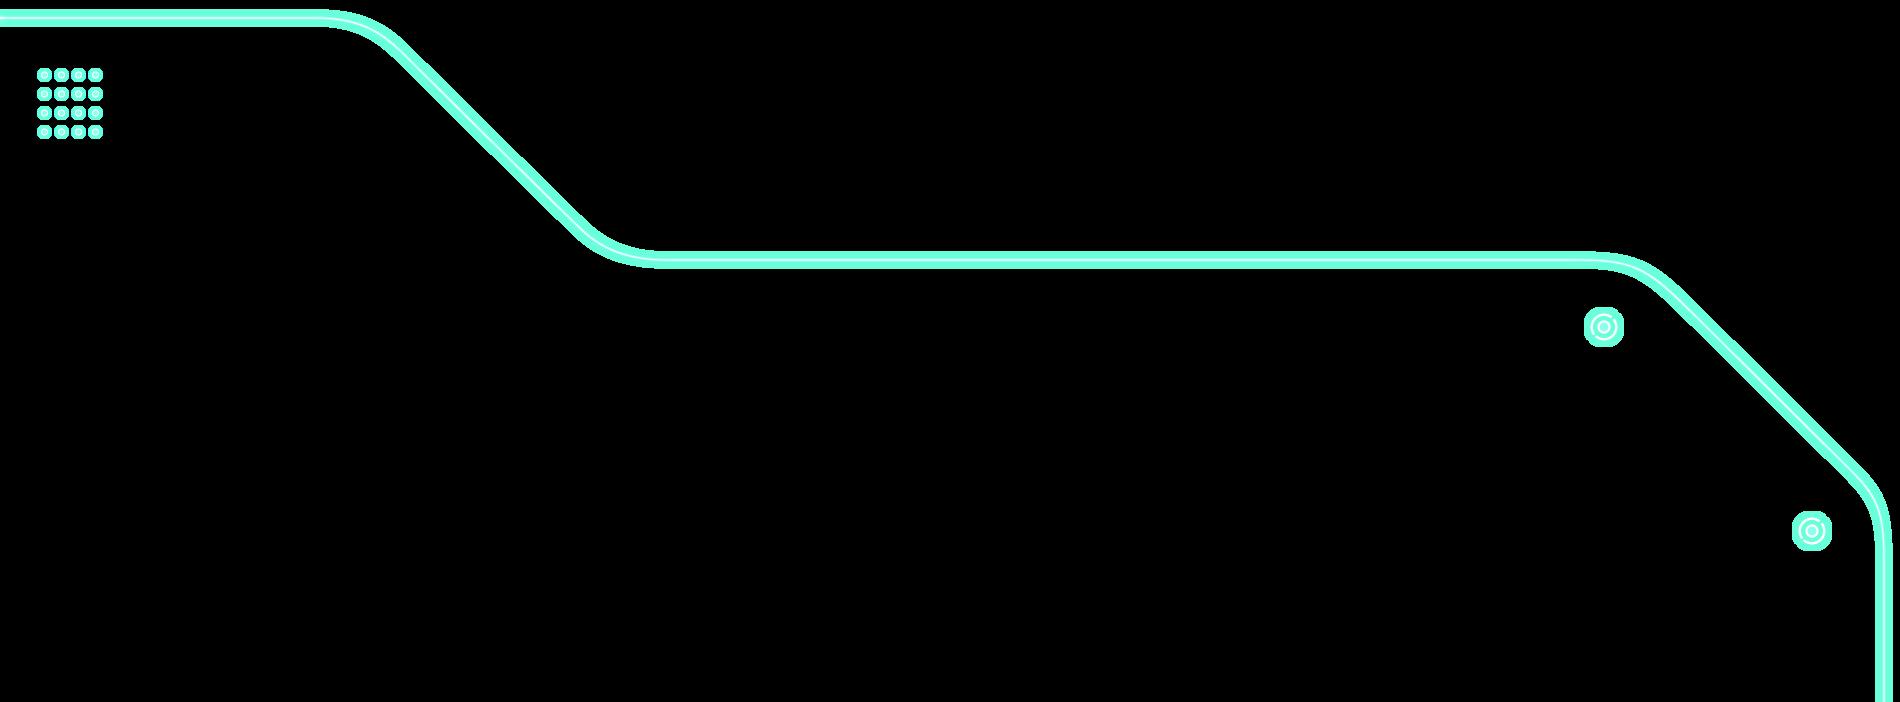 怪人開発部の黒井津さん,黒井津さん,COMICメテオ,水崎弘明,ANiMAZiNG!!!,アニメイジング